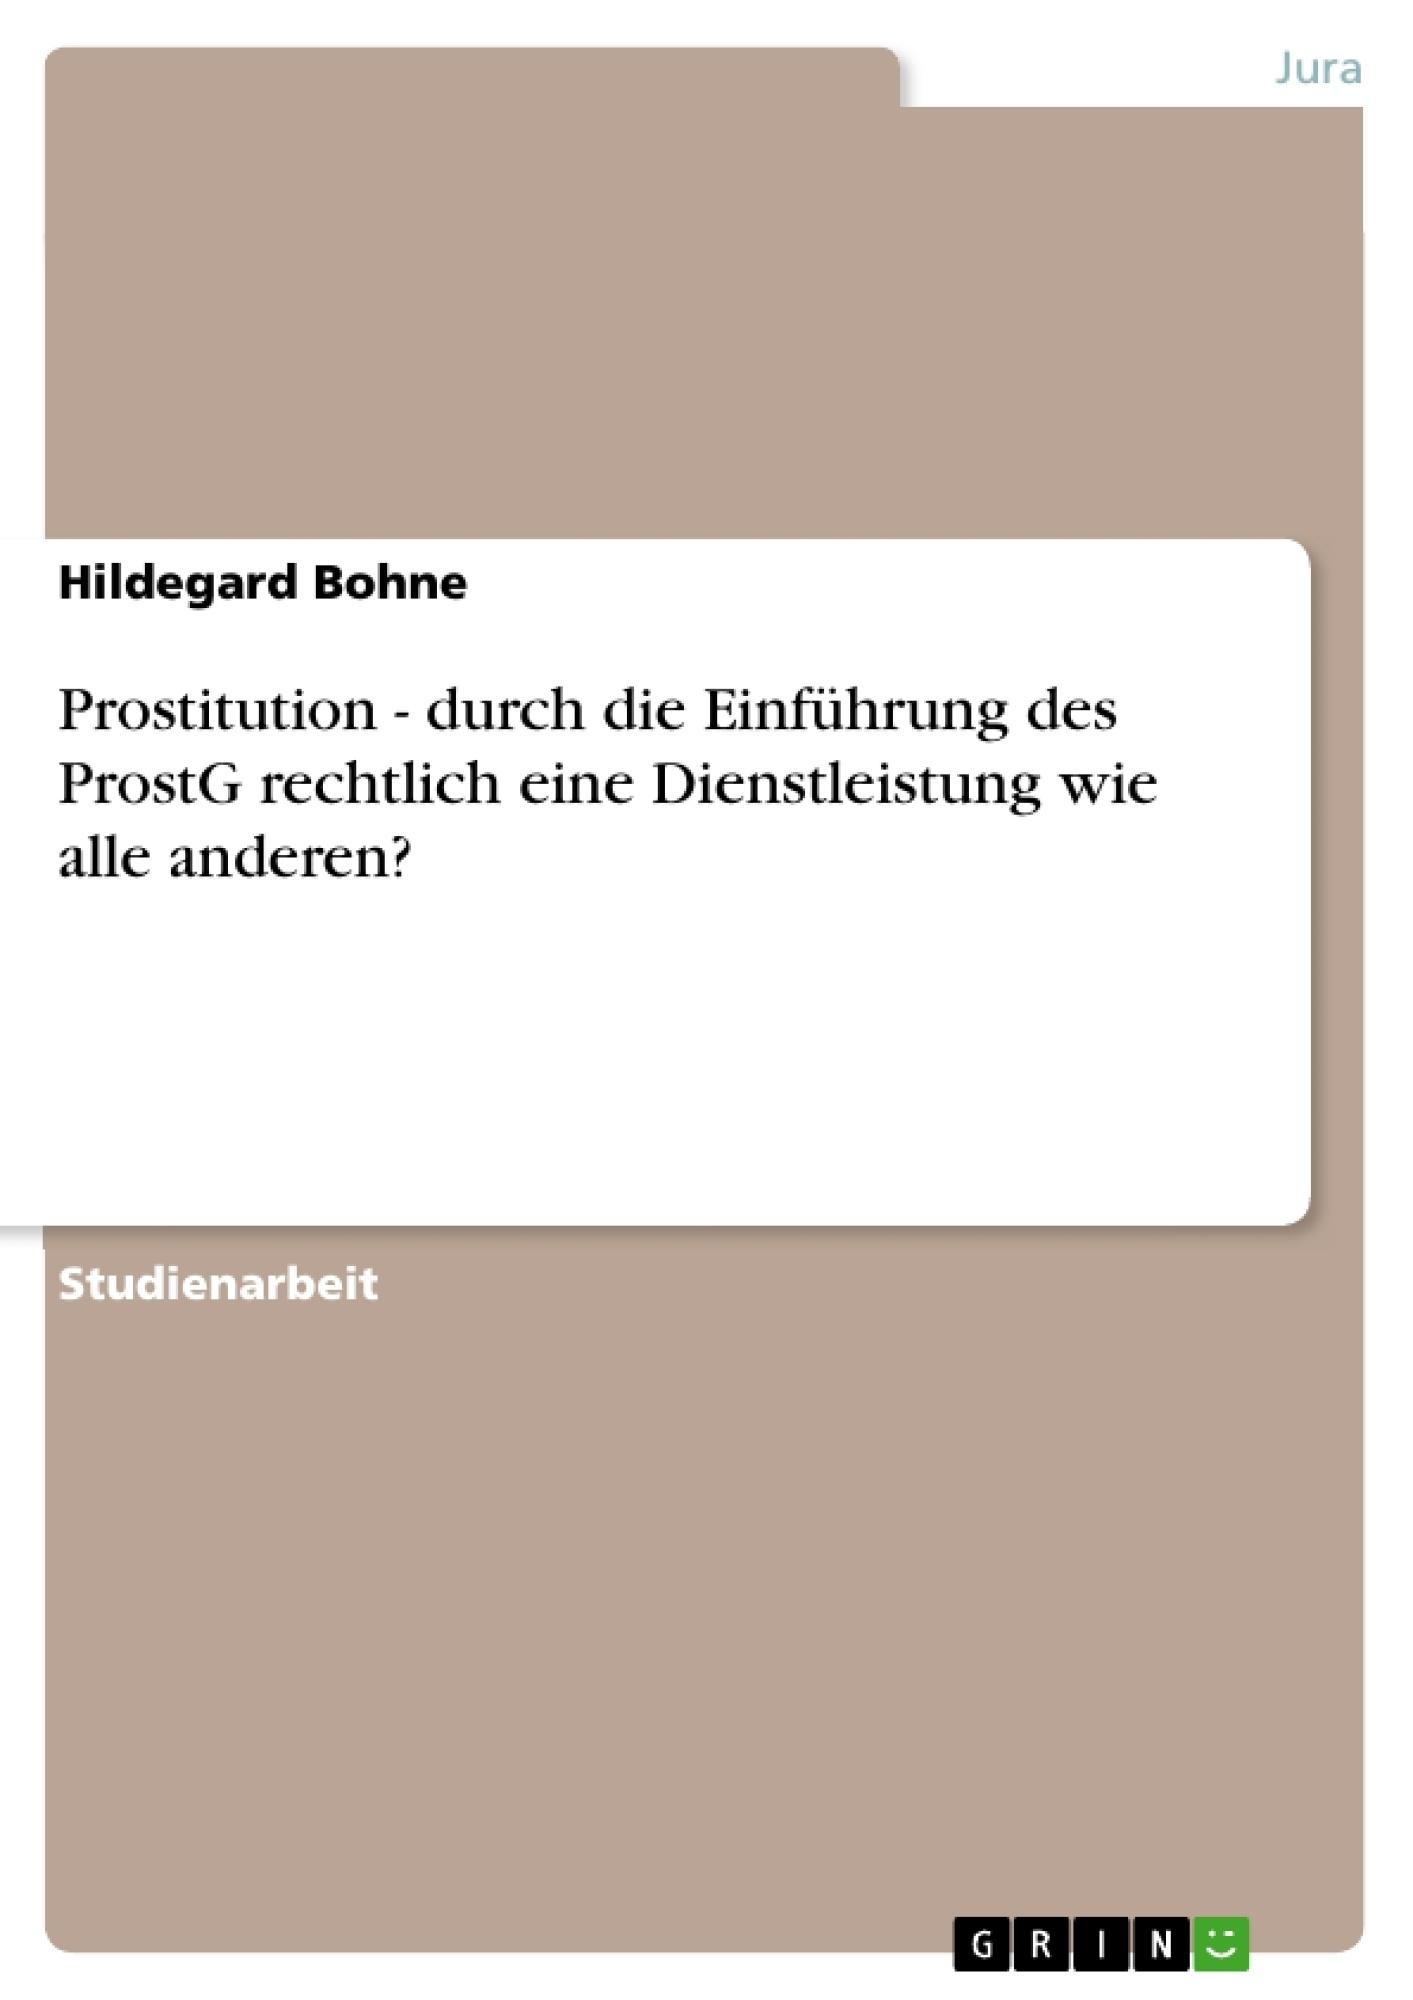 Titel: Prostitution - durch die Einführung des ProstG rechtlich eine Dienstleistung wie alle anderen?